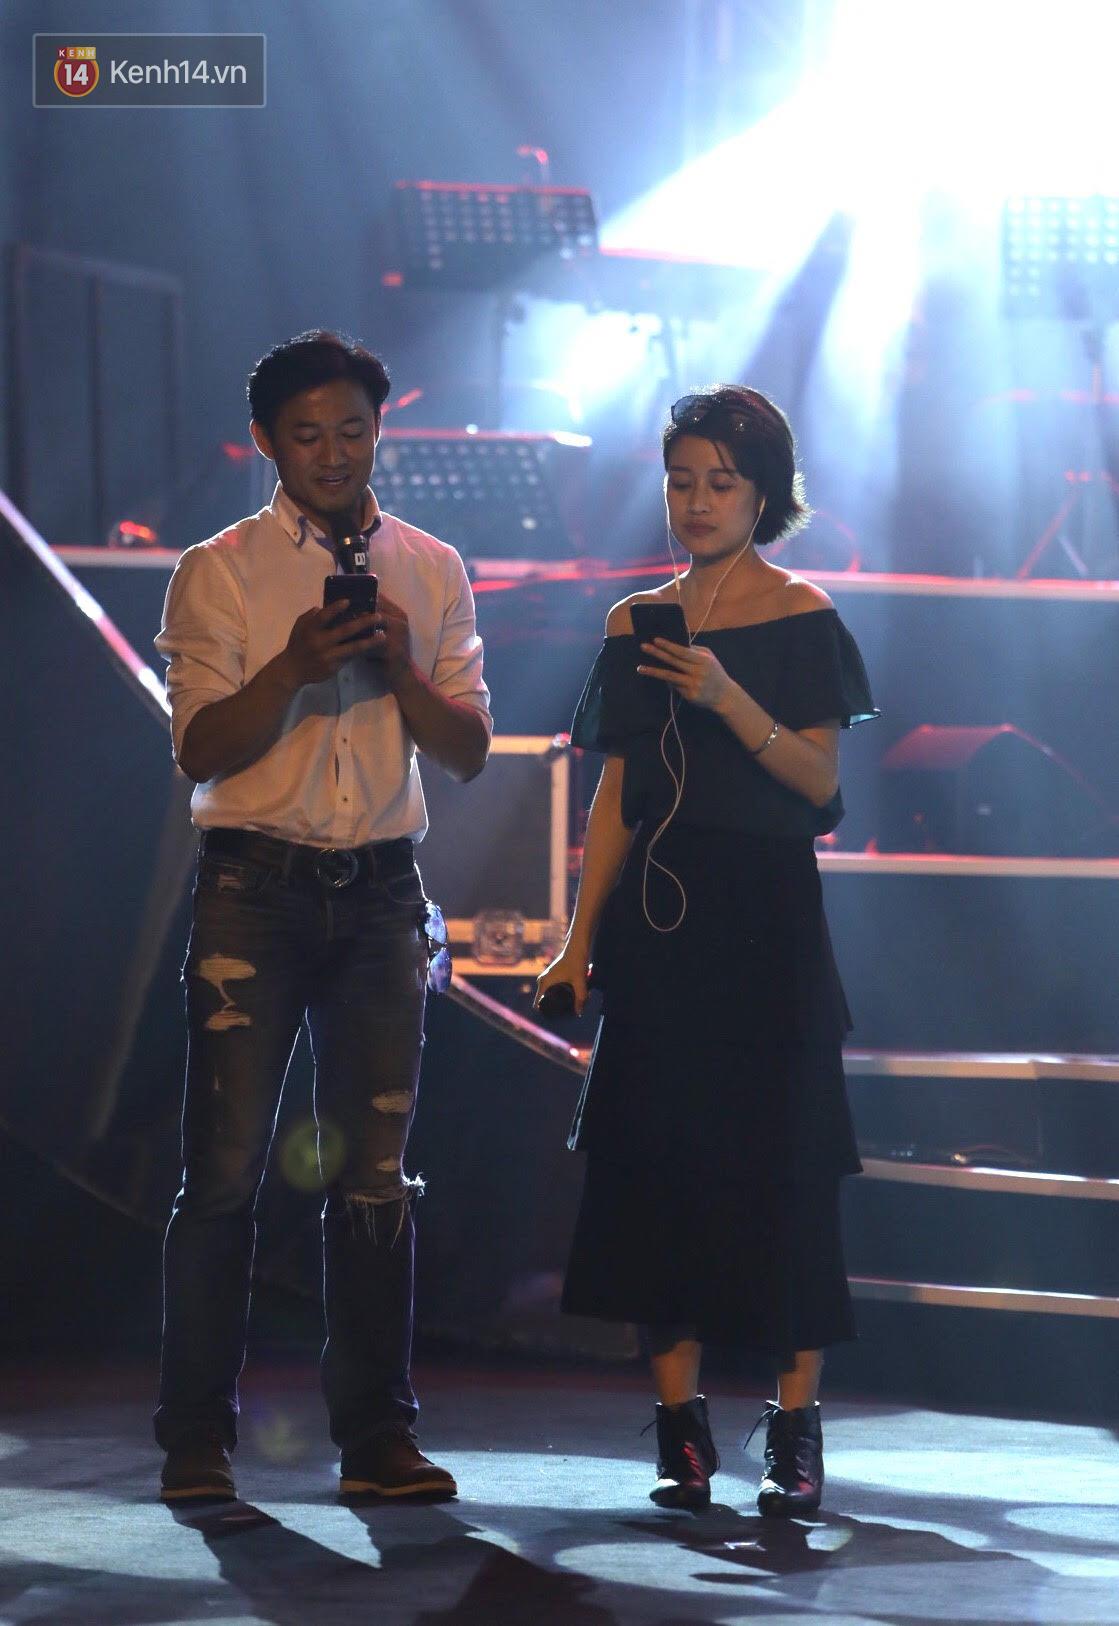 Diva Hồng Nhung gây xúc động, trình diễn như lên đồng tại buổi tổng duyệt Gala WeChoice Awards 2016 - Ảnh 8.